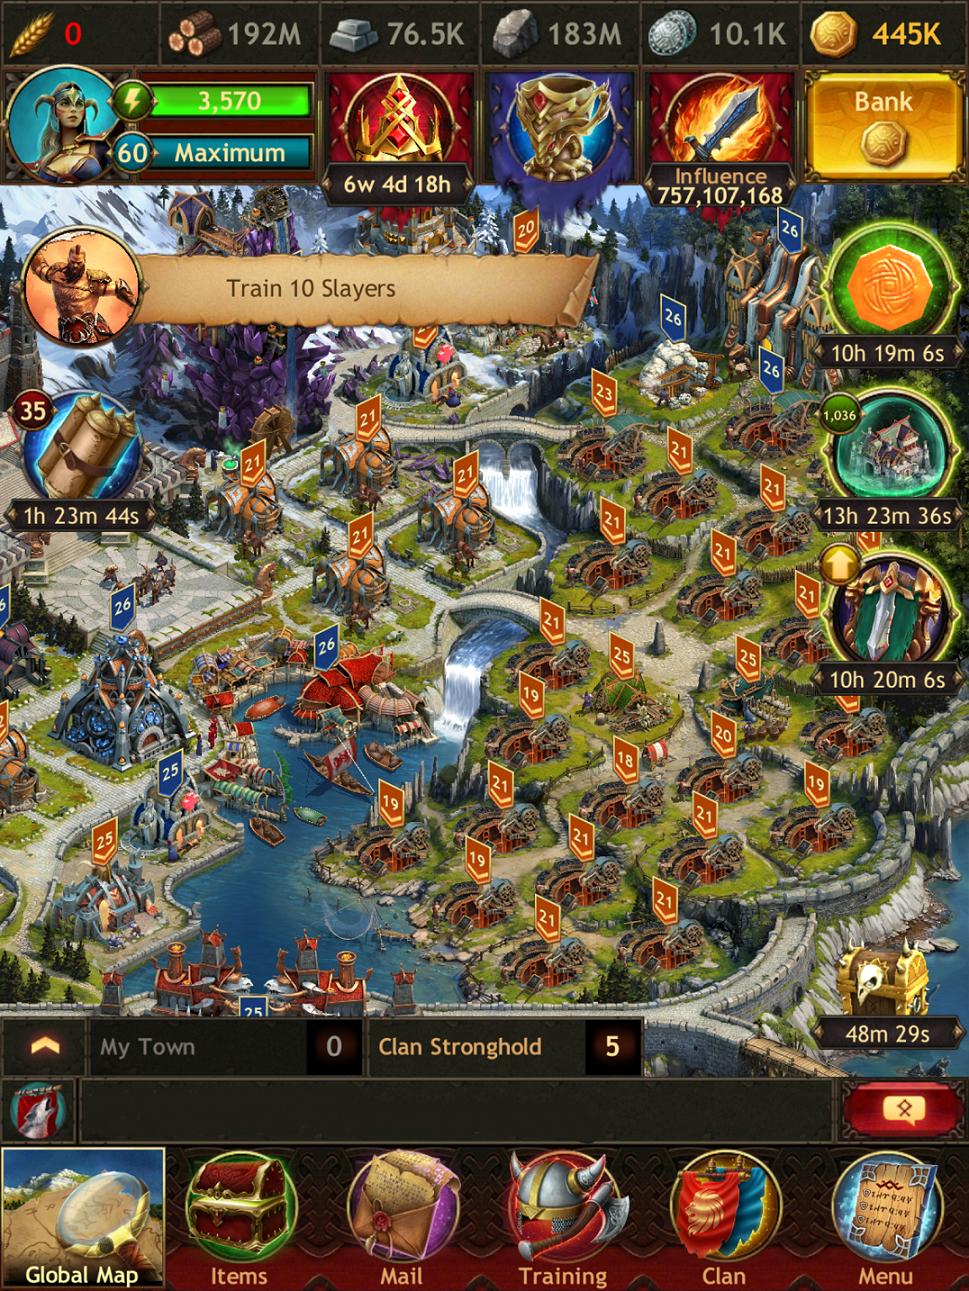 Золото, экономика и развитие в Vikings War of Clans: гайд по выживанию. - Изображение 1